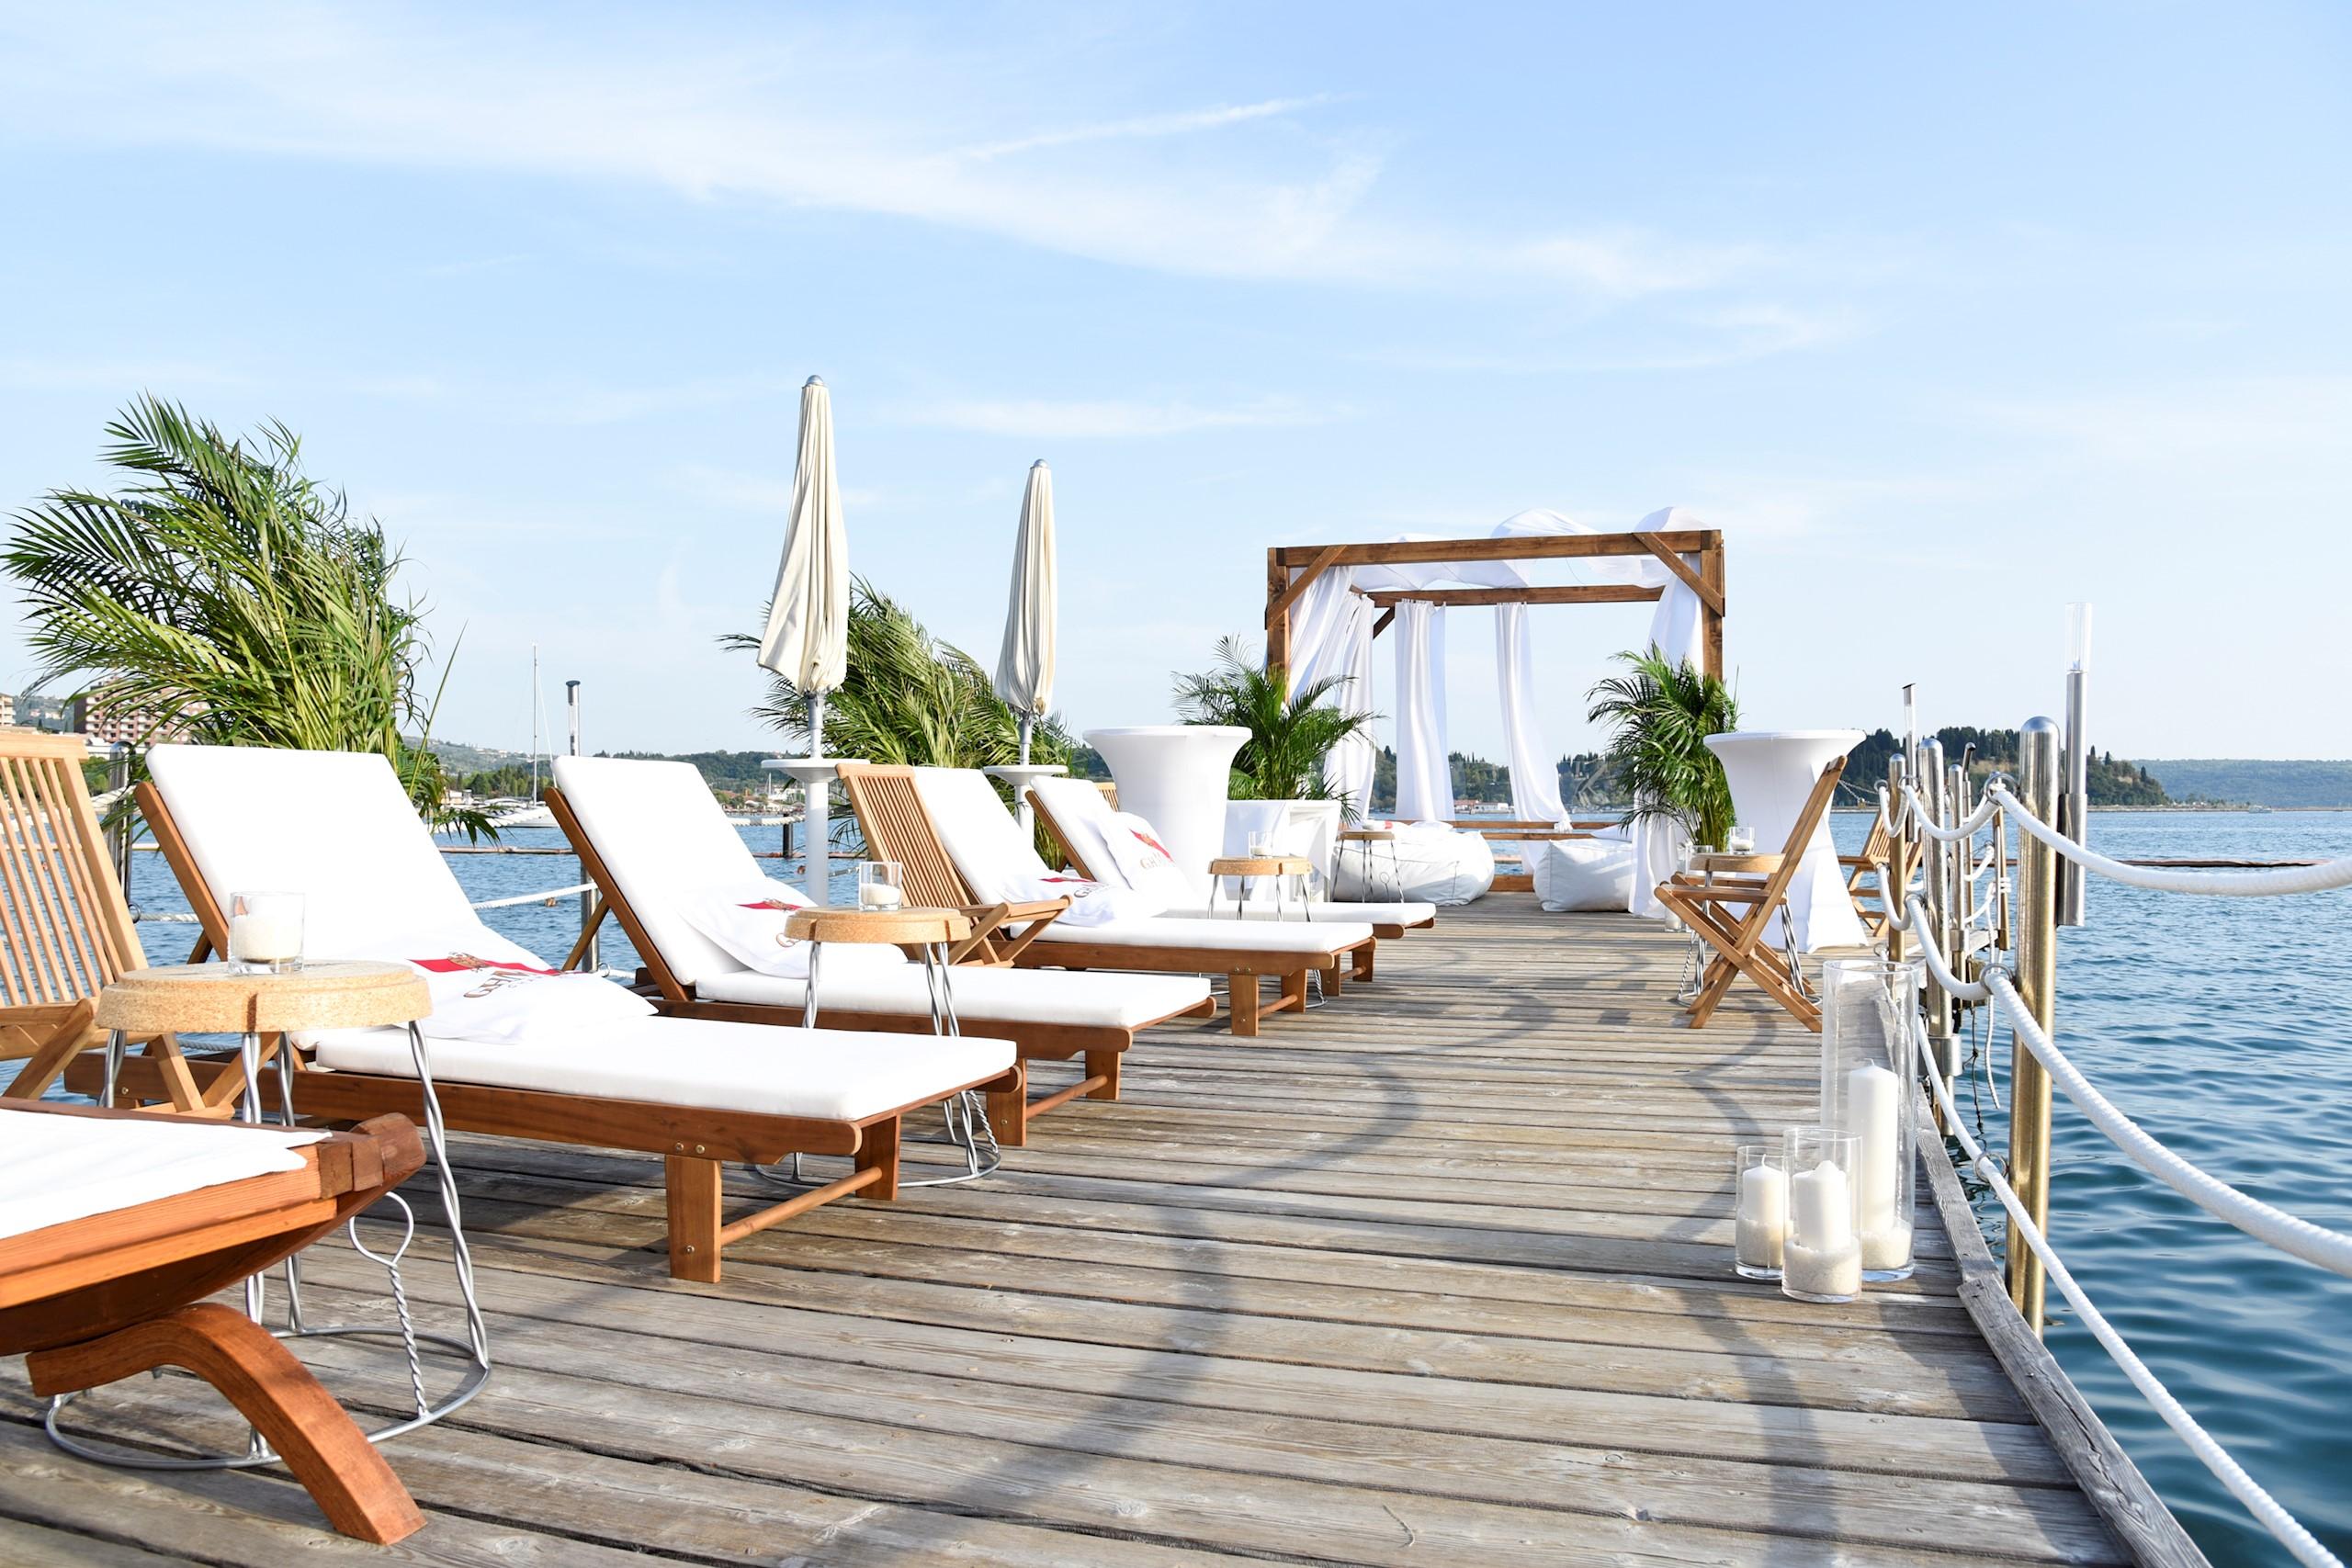 white-pier-deck-chairs-umbrellas-sea-prive-baldehin-palm